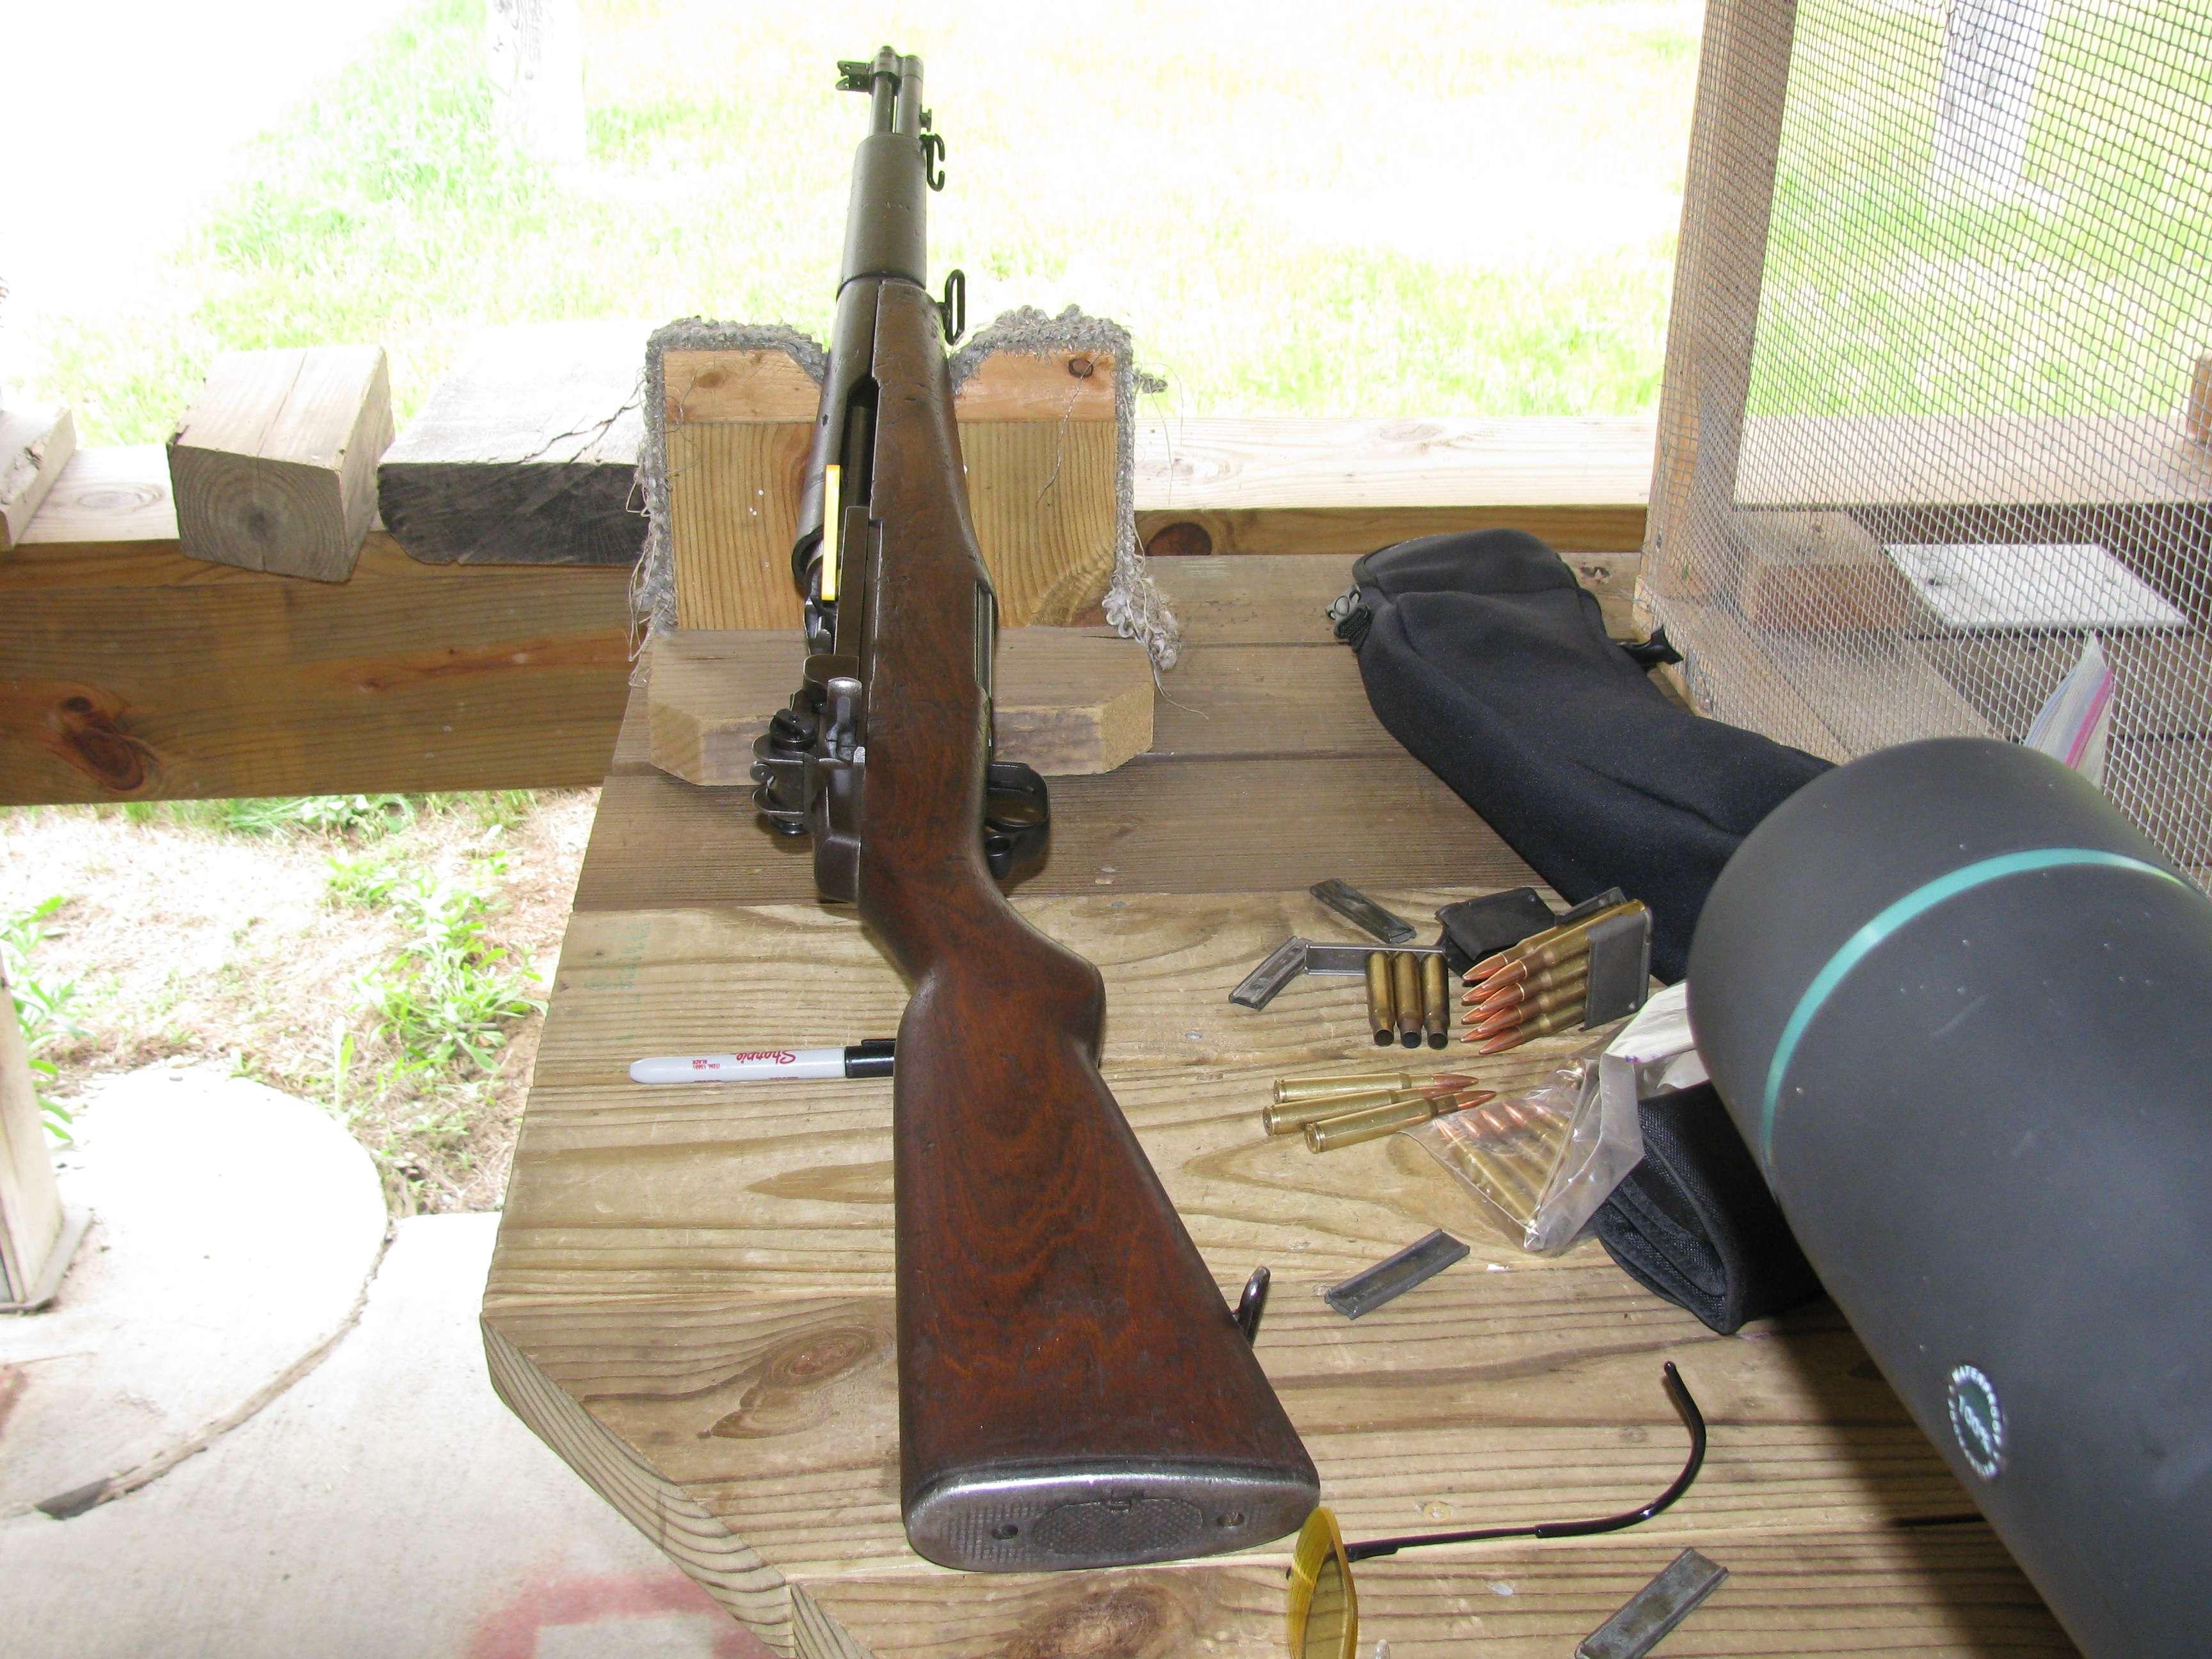 First wack with a M1 Garand - Range Report